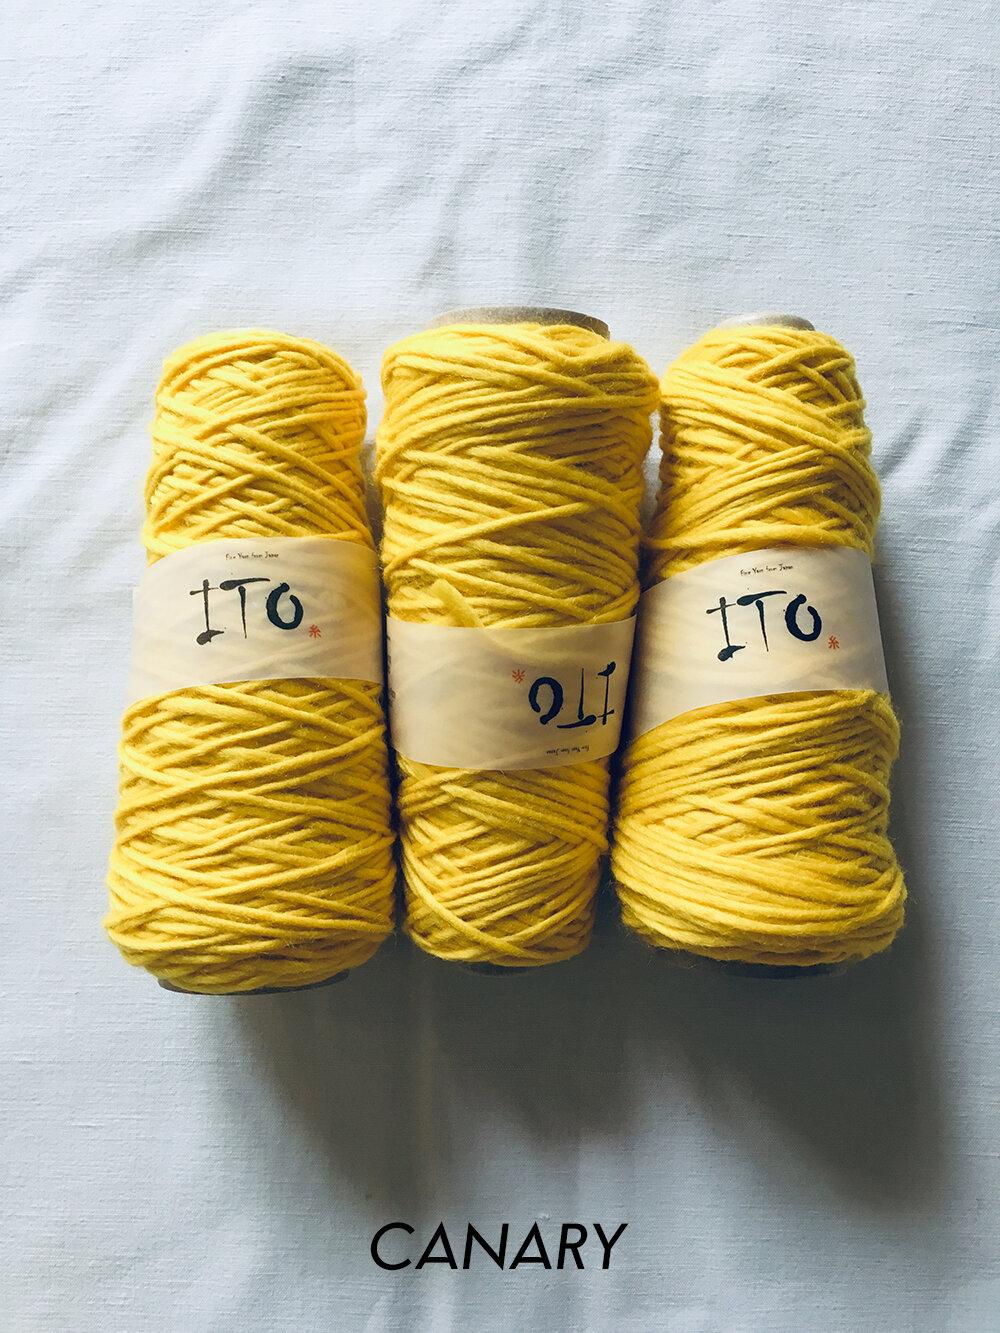 ito_yomo_canary_482_wool_done_knitting.jpg